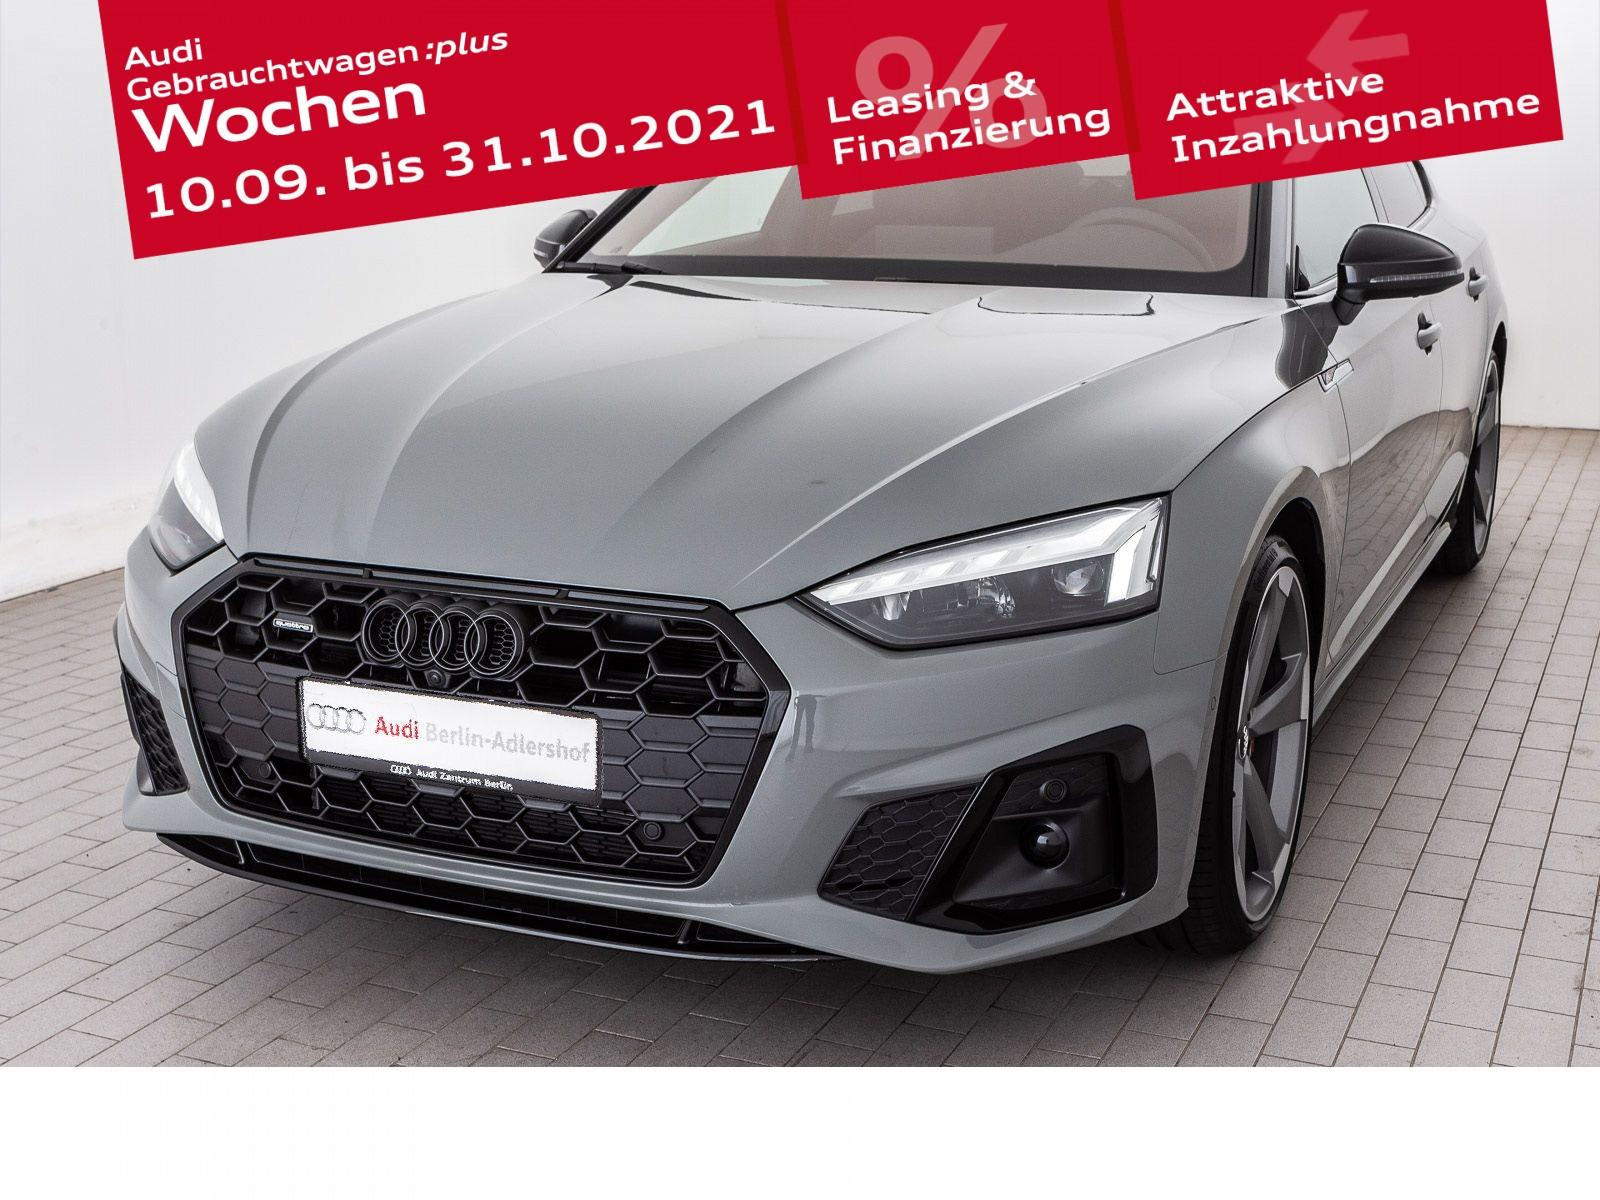 Audi A5 Sportback 40 TDI qu.S tr. AHK PANO STDHZG, Jahr 2021, Diesel